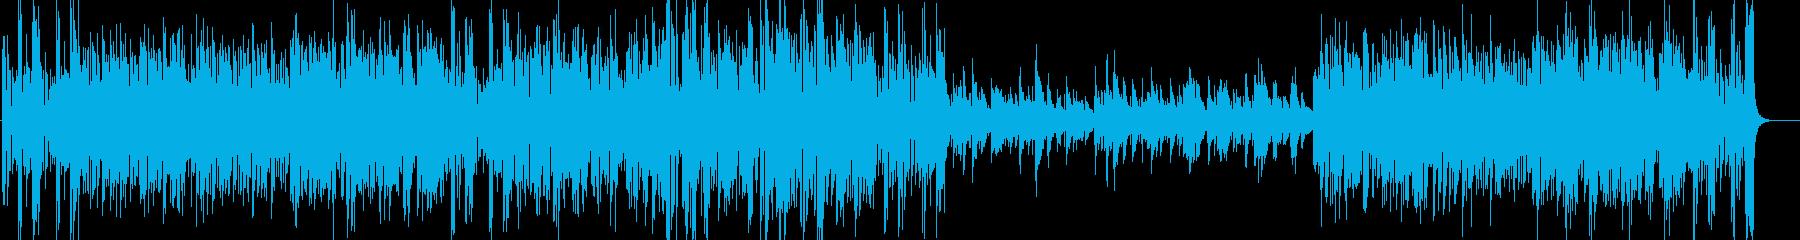 エルガー威風堂々 ビッグバンドジャズ版の再生済みの波形